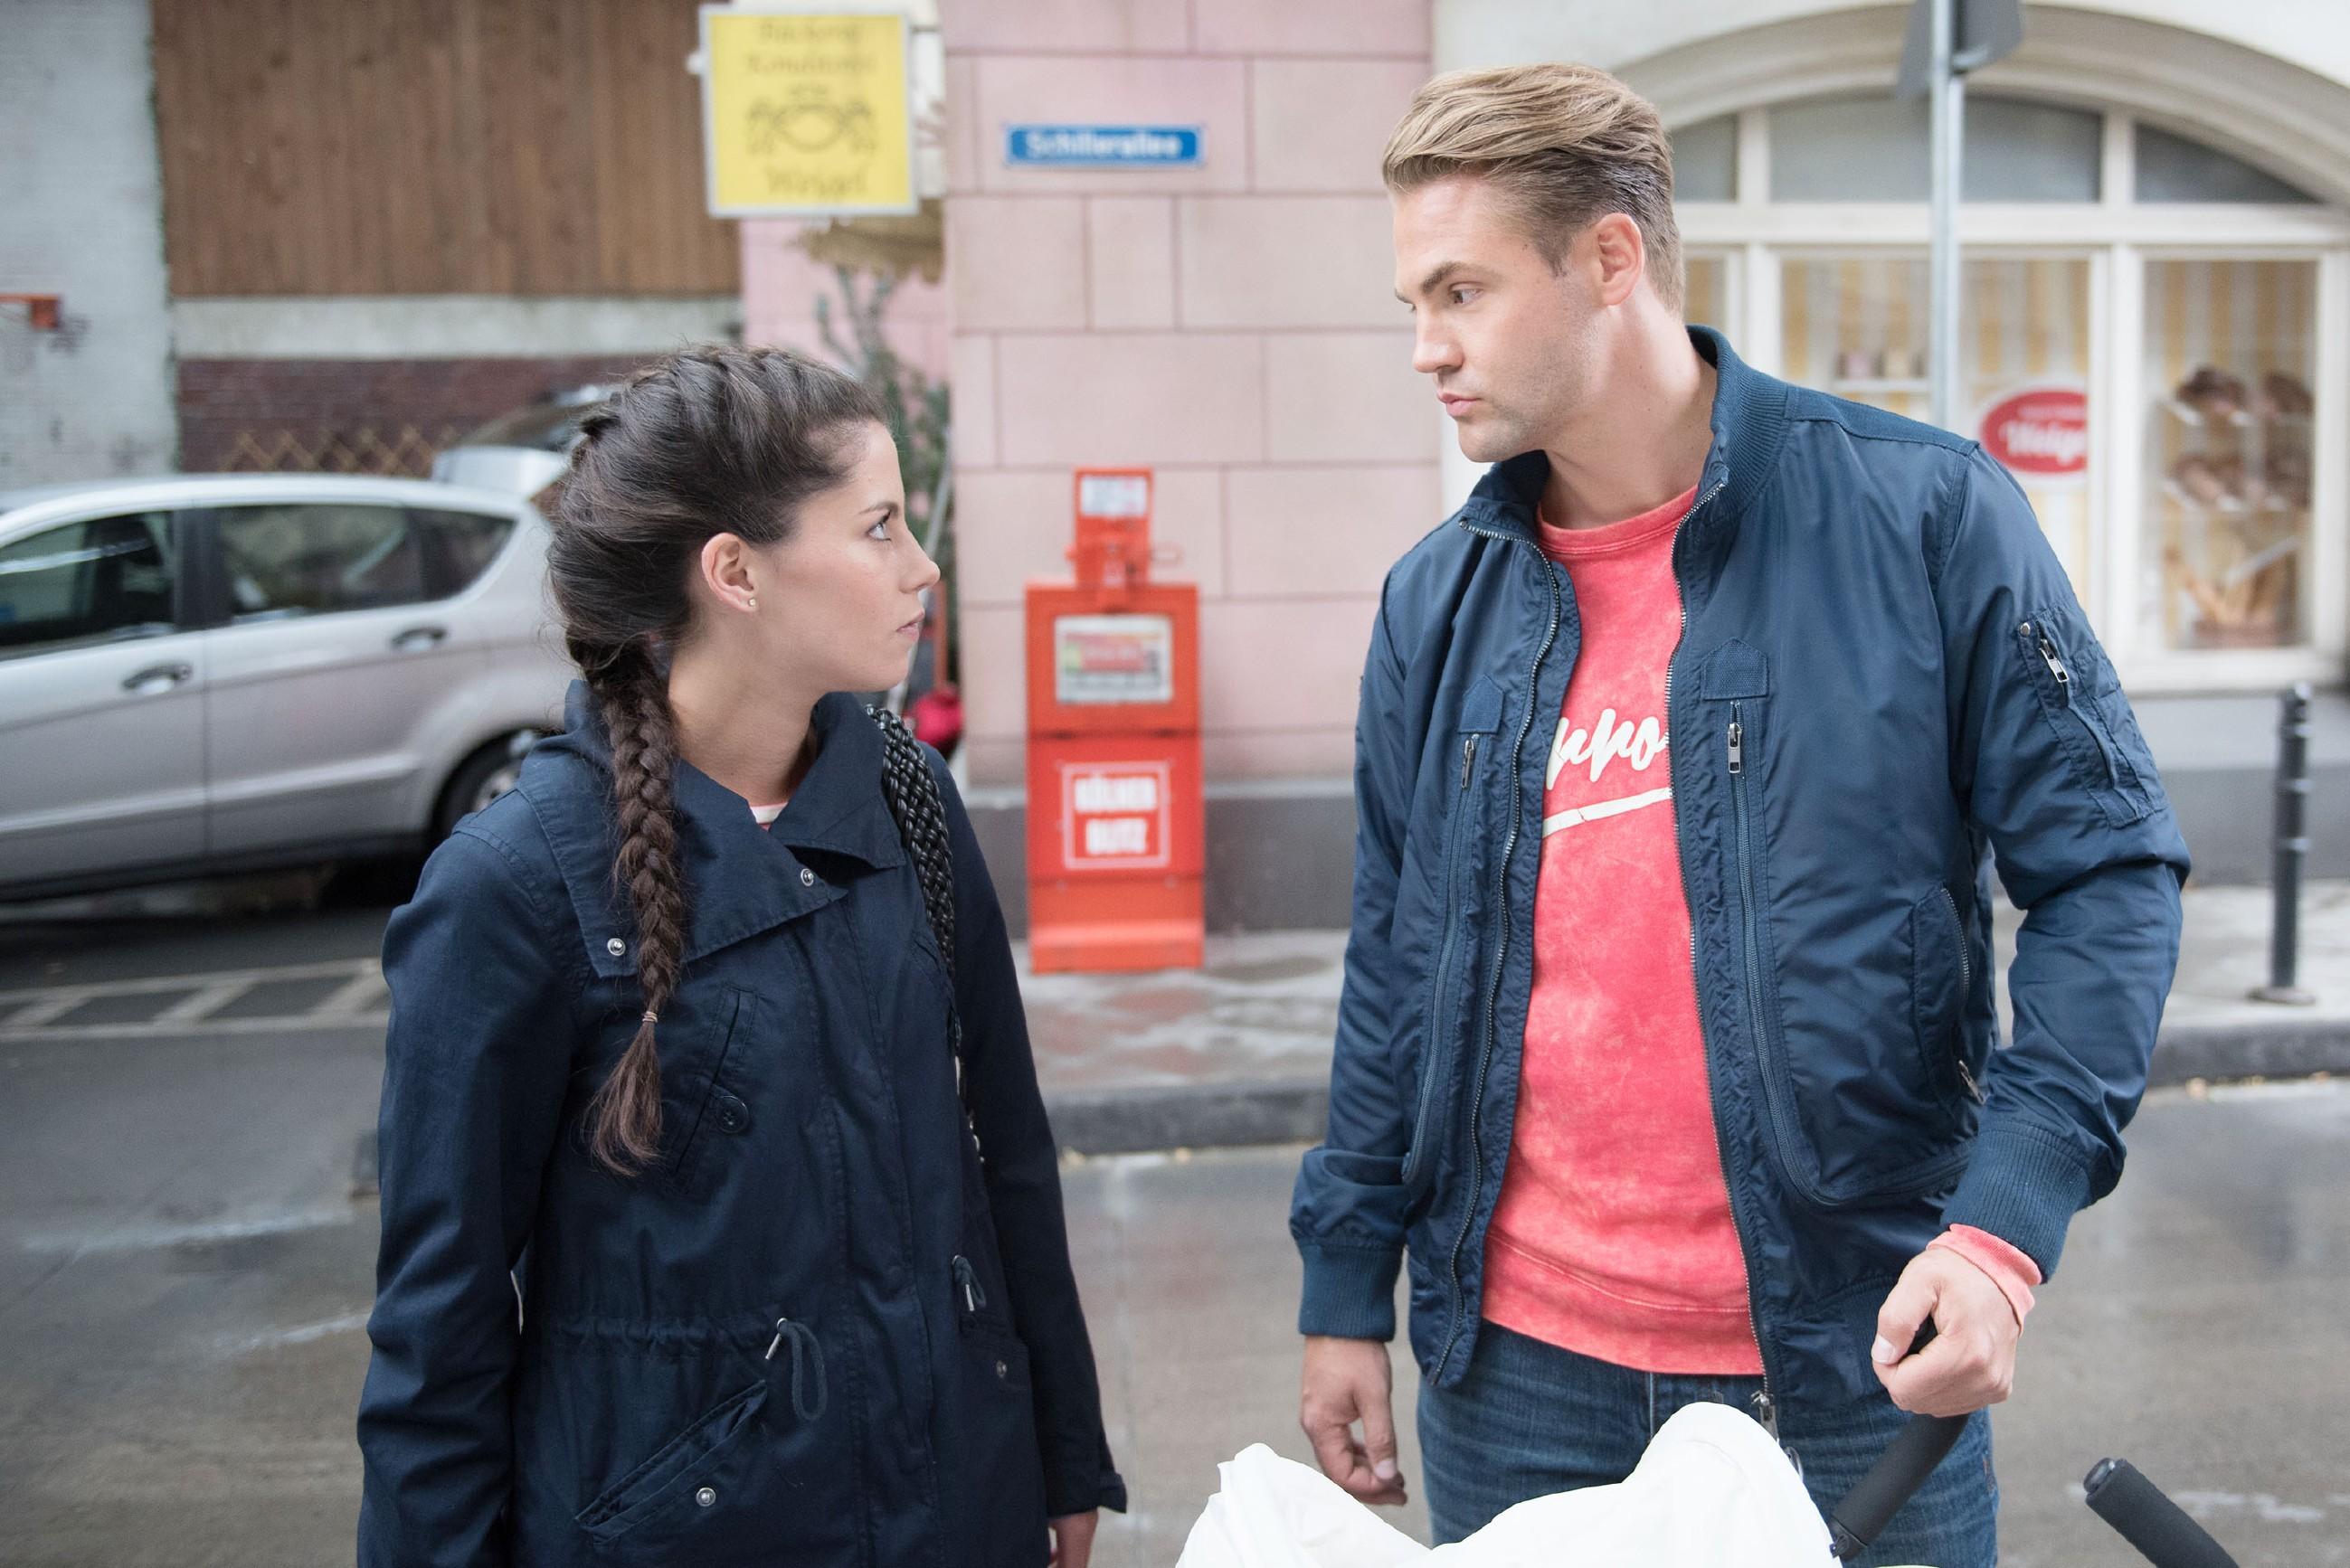 Da Sina (Valea Katharina Scalabrino) nichts gegen Bambis (Benjamin Heinrich) Einzug in die Wohnung tun kann, stellt sie klare Verhaltensregeln auf. (Quelle: RTL / Stefan Behrens)